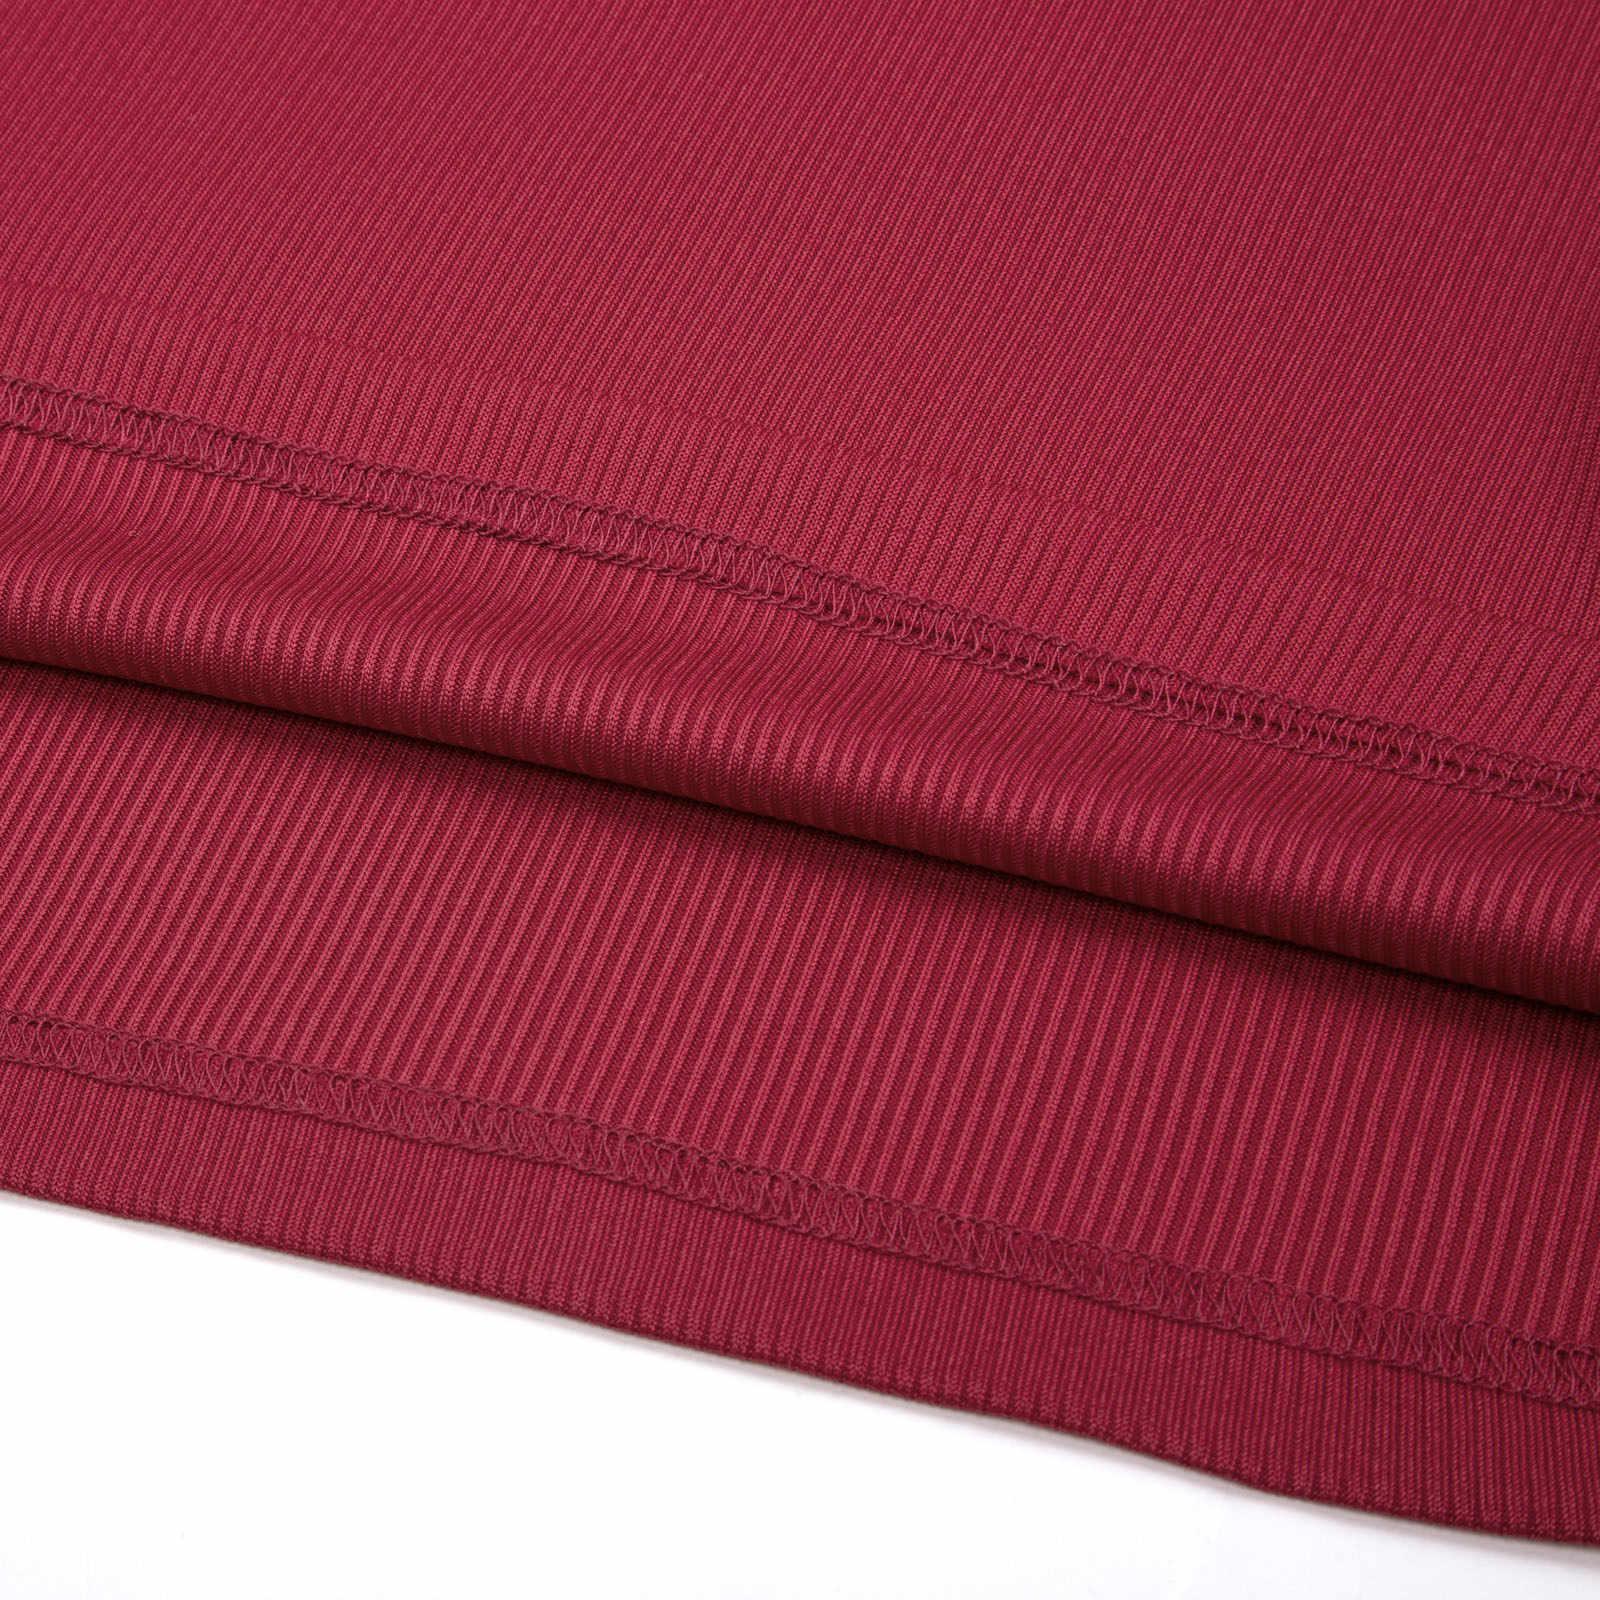 Красное платье Серый Черный Grace Karin женский базовый с длинным рукавом V шеи 4 Кнопки Украшенные тепловой трикотажной отделкой